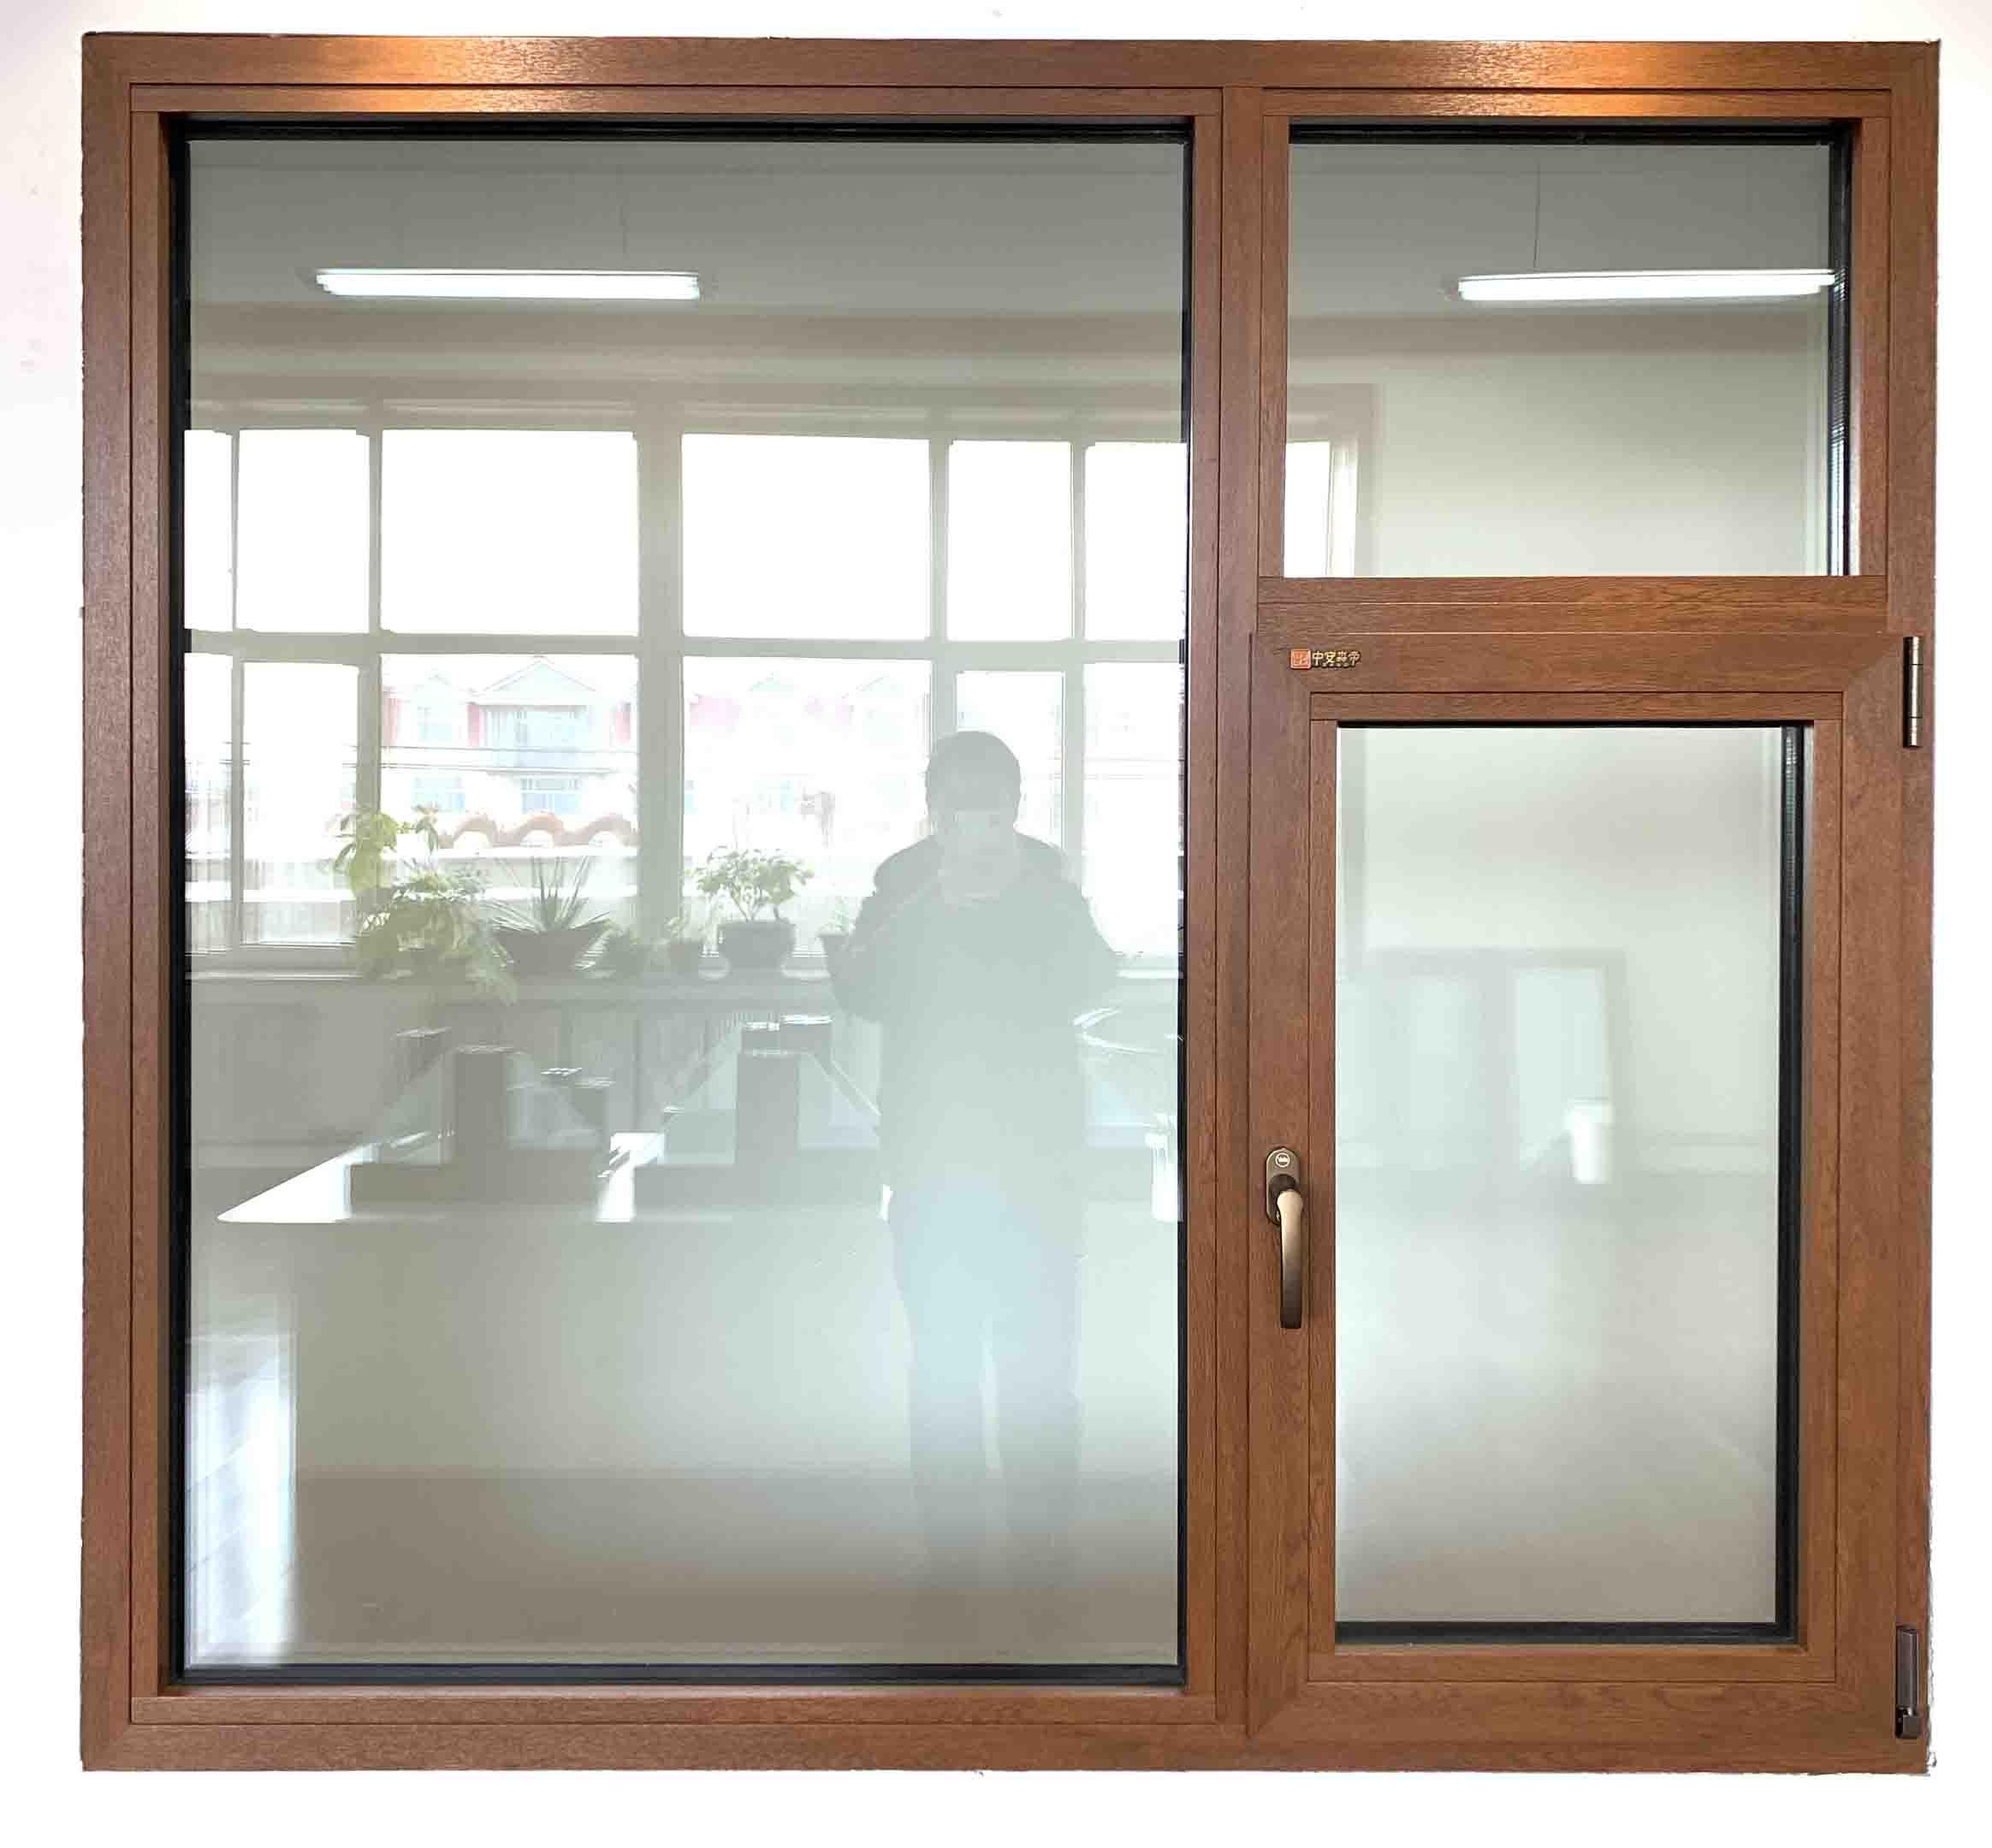 牡丹江中安塑胶有限公司信誉好的牡丹江木铝复合门窗销售商 牡丹江黑龙江门窗